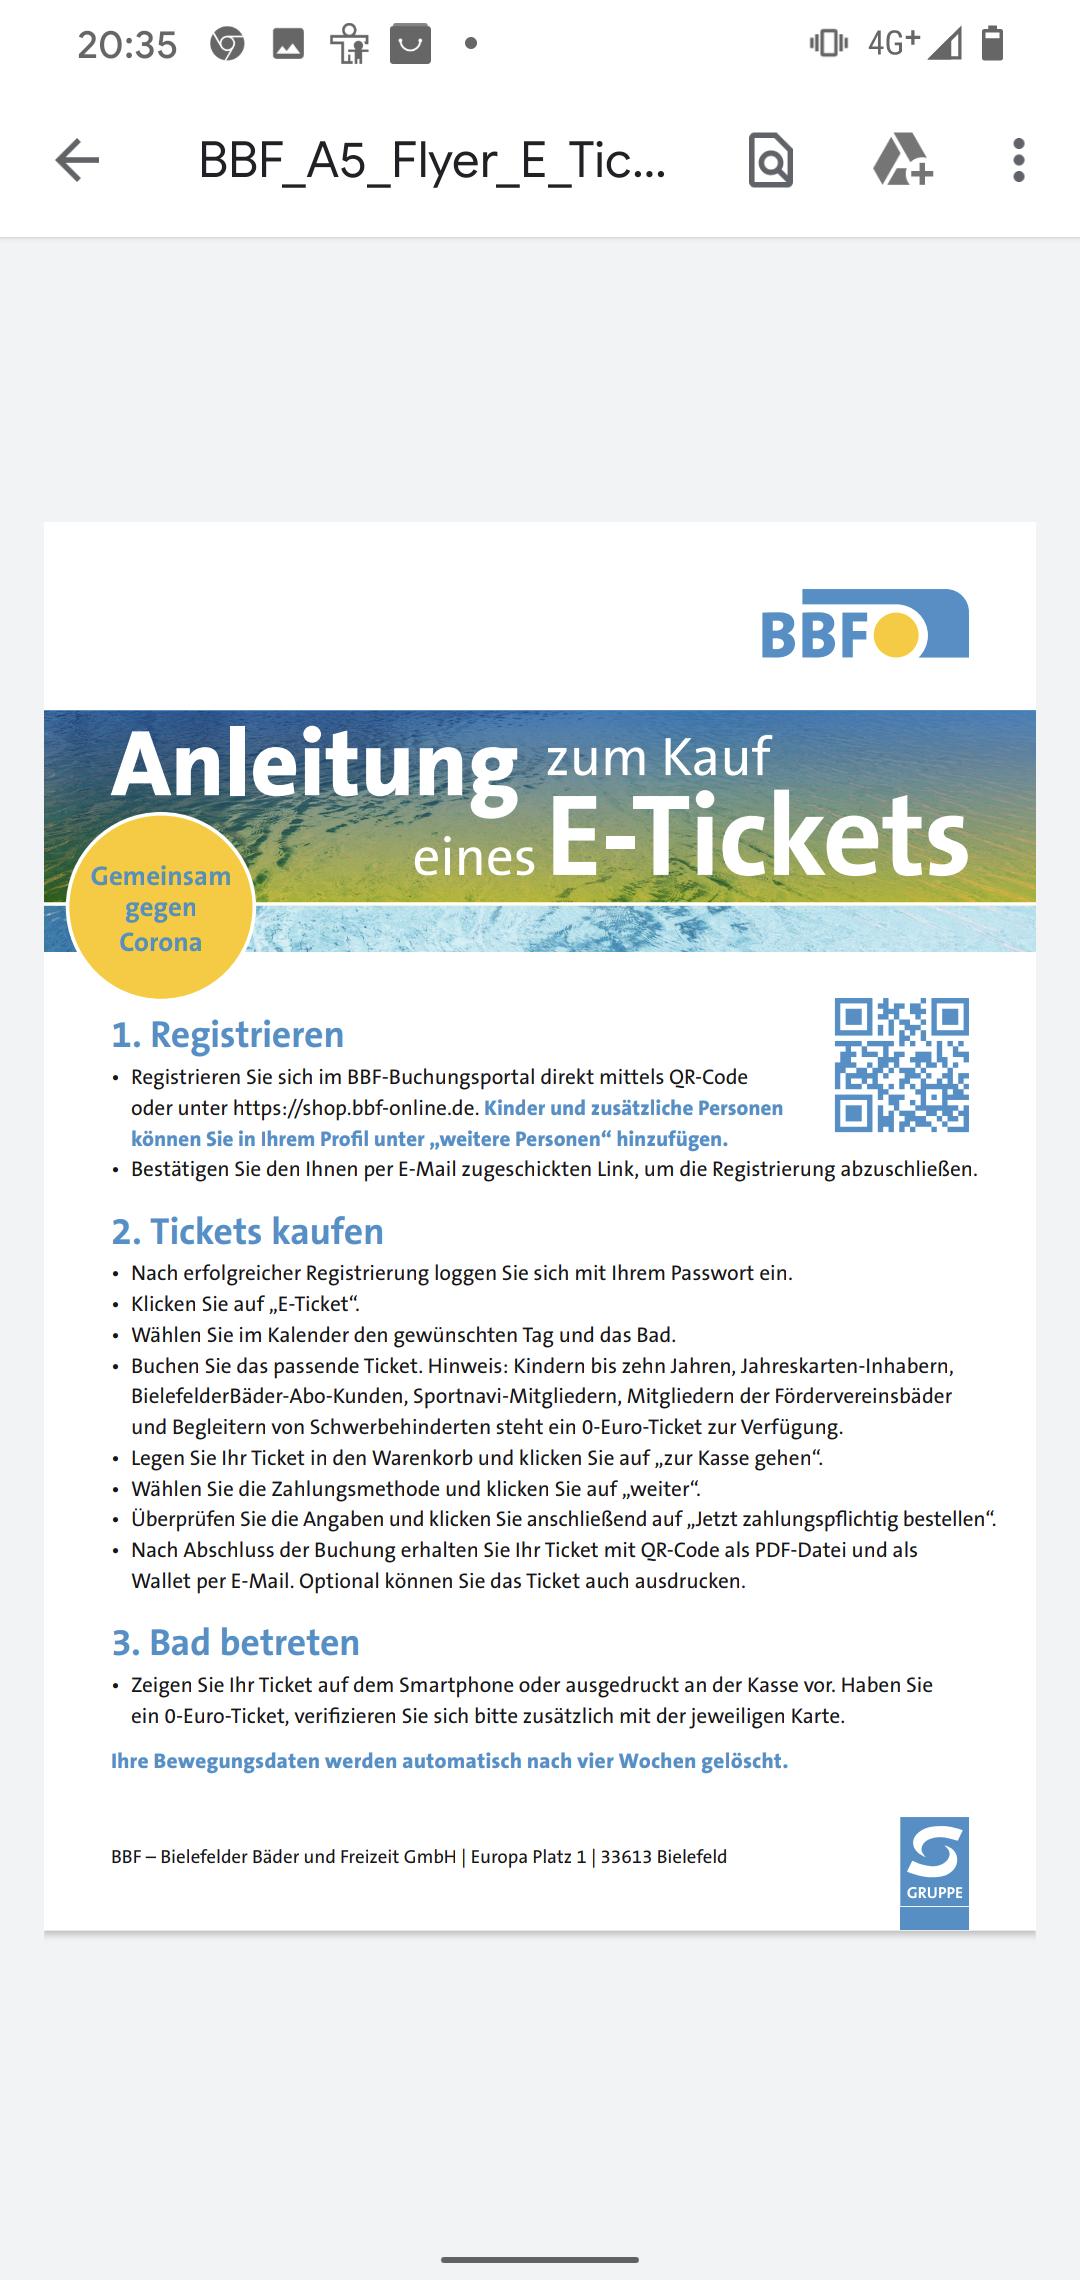 Kostenloser Eintritt u.a für Kinder bis 10 in Bielefelder Freibädern von der BBF